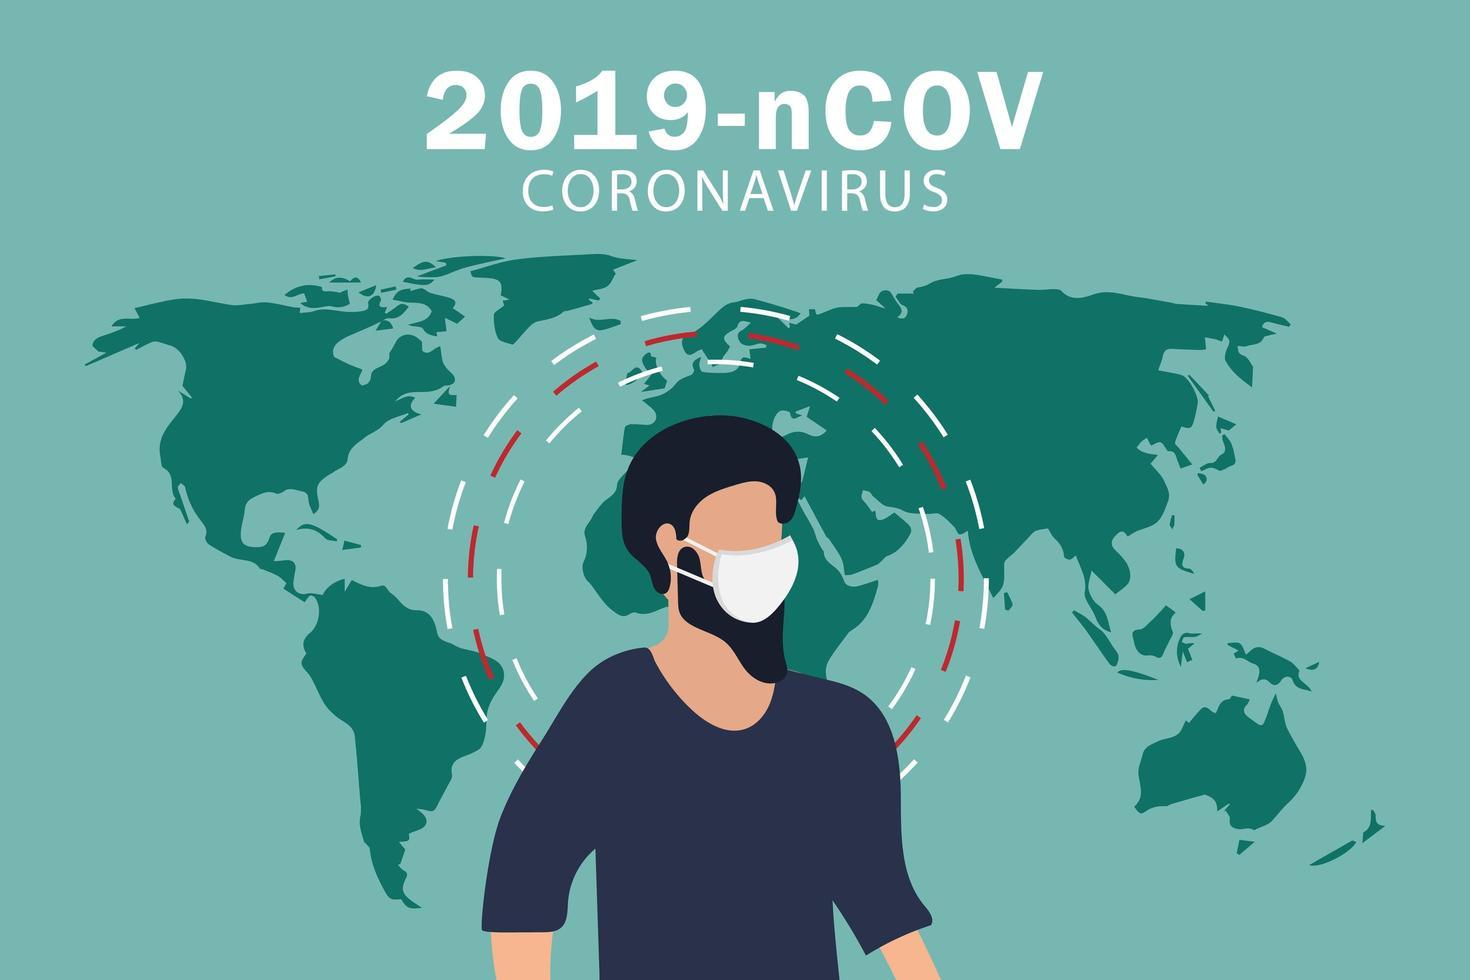 Coronavirus Covid-19-Poster mit Mann mit Gesichtsmaske vektor